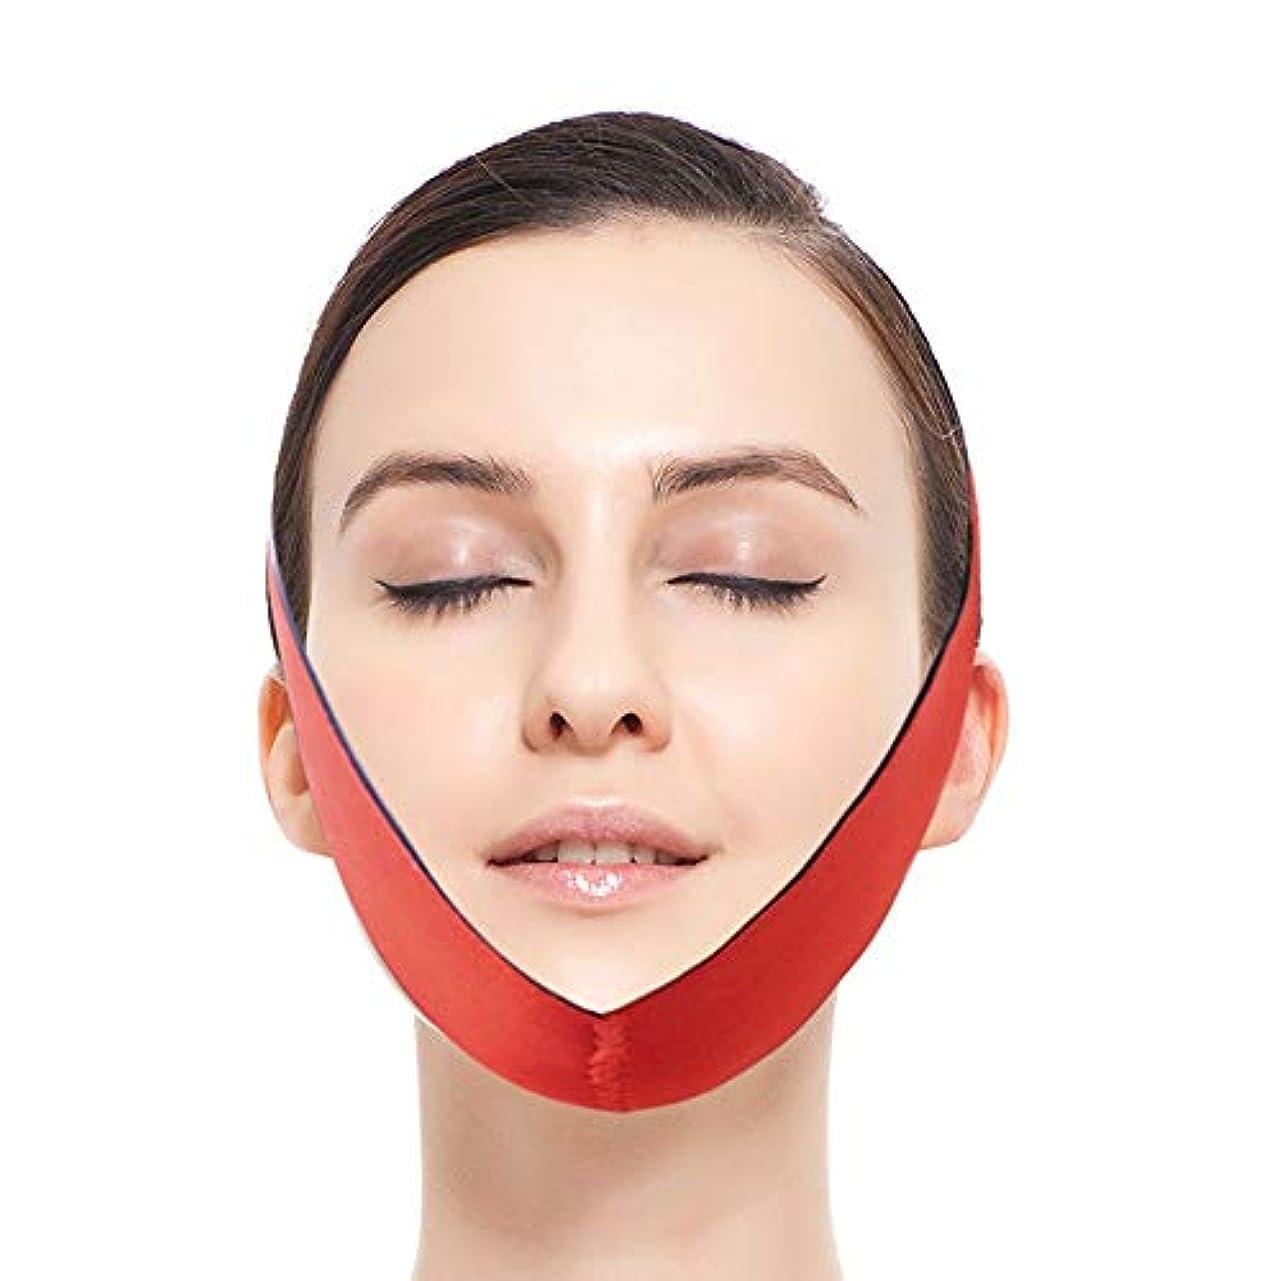 強調する言い聞かせる王室Jia Jia- フェイスリフティングアーティファクトVフェイス包帯マスクダブルあご引き締め顔薄い咬傷筋肉下顎矯正顔 顔面包帯